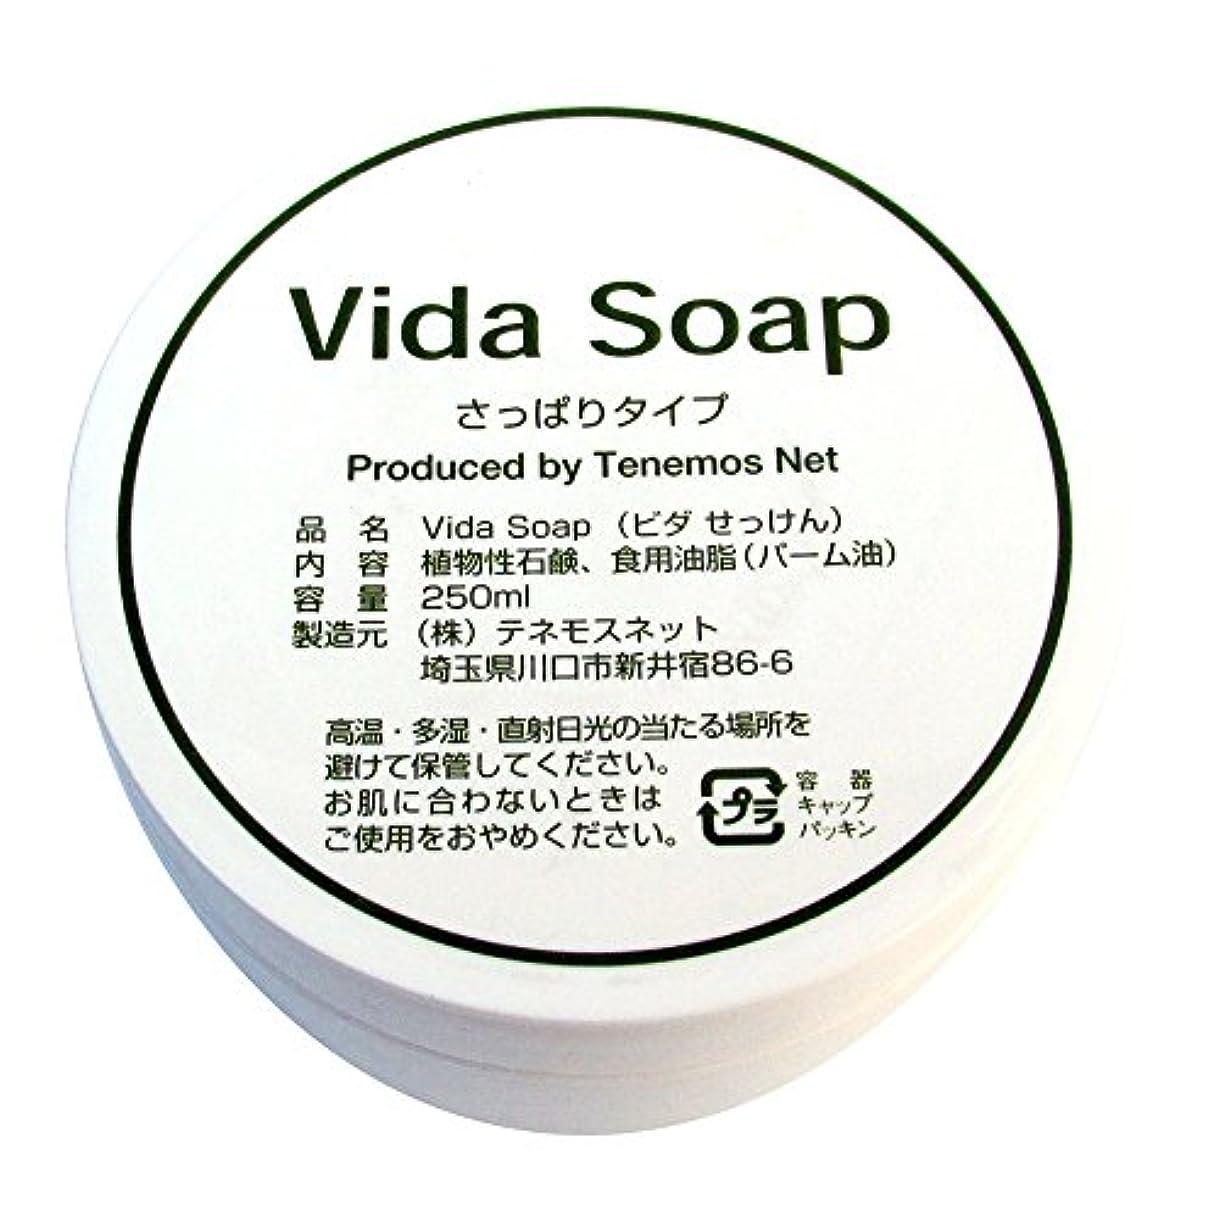 錆びタバコグローブテネモス ビダせっけん Vida Soap さっぱりノーマル 植物性 250ml